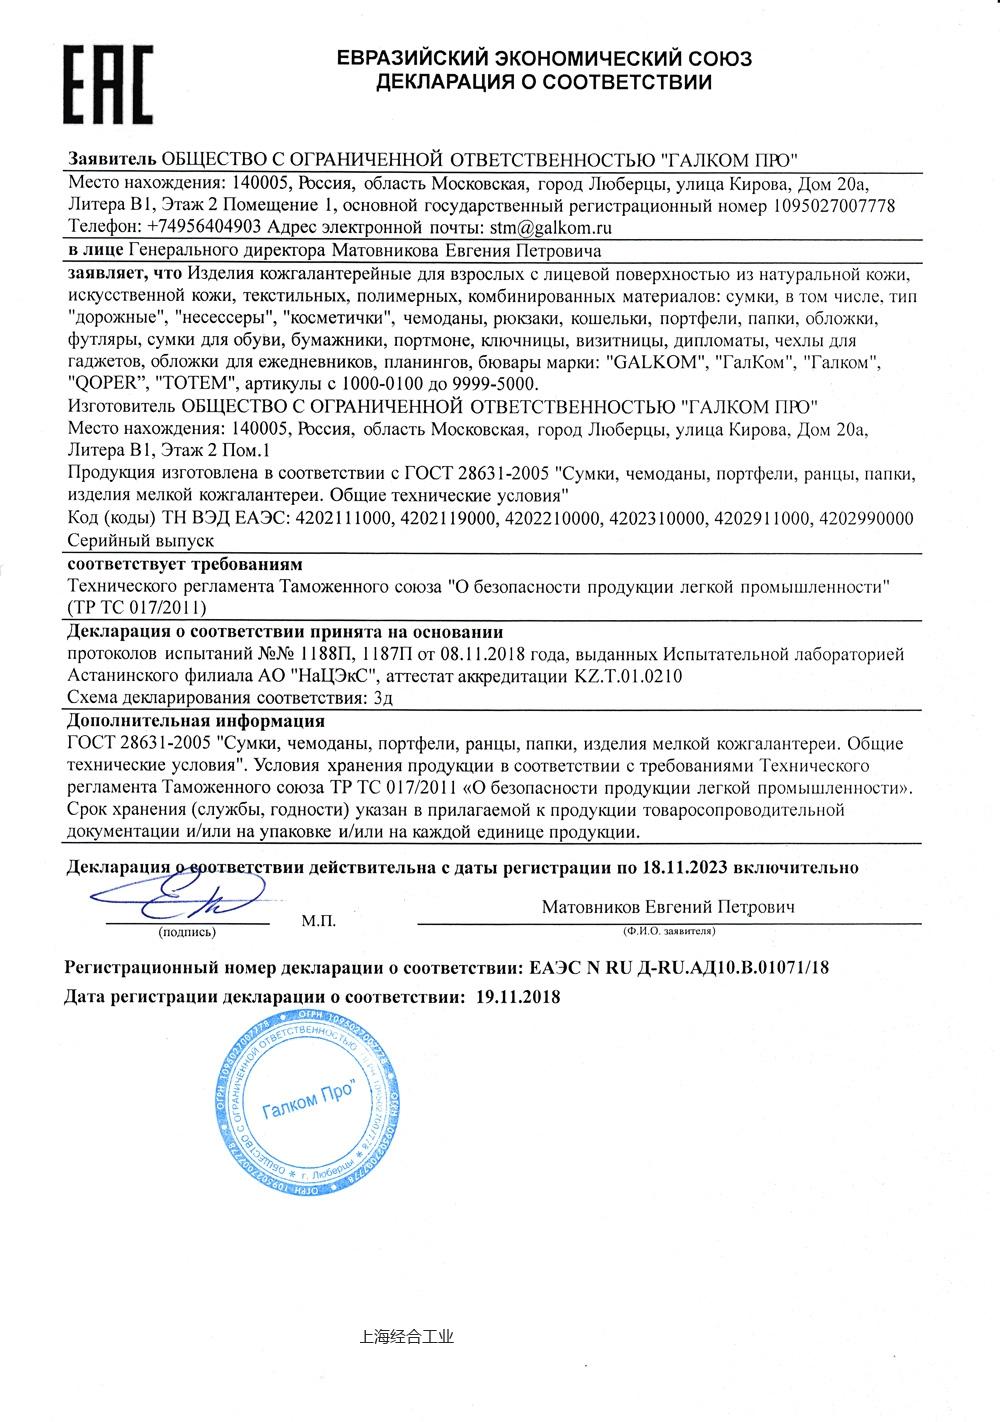 轻工产品EAC认证TR CU  017/